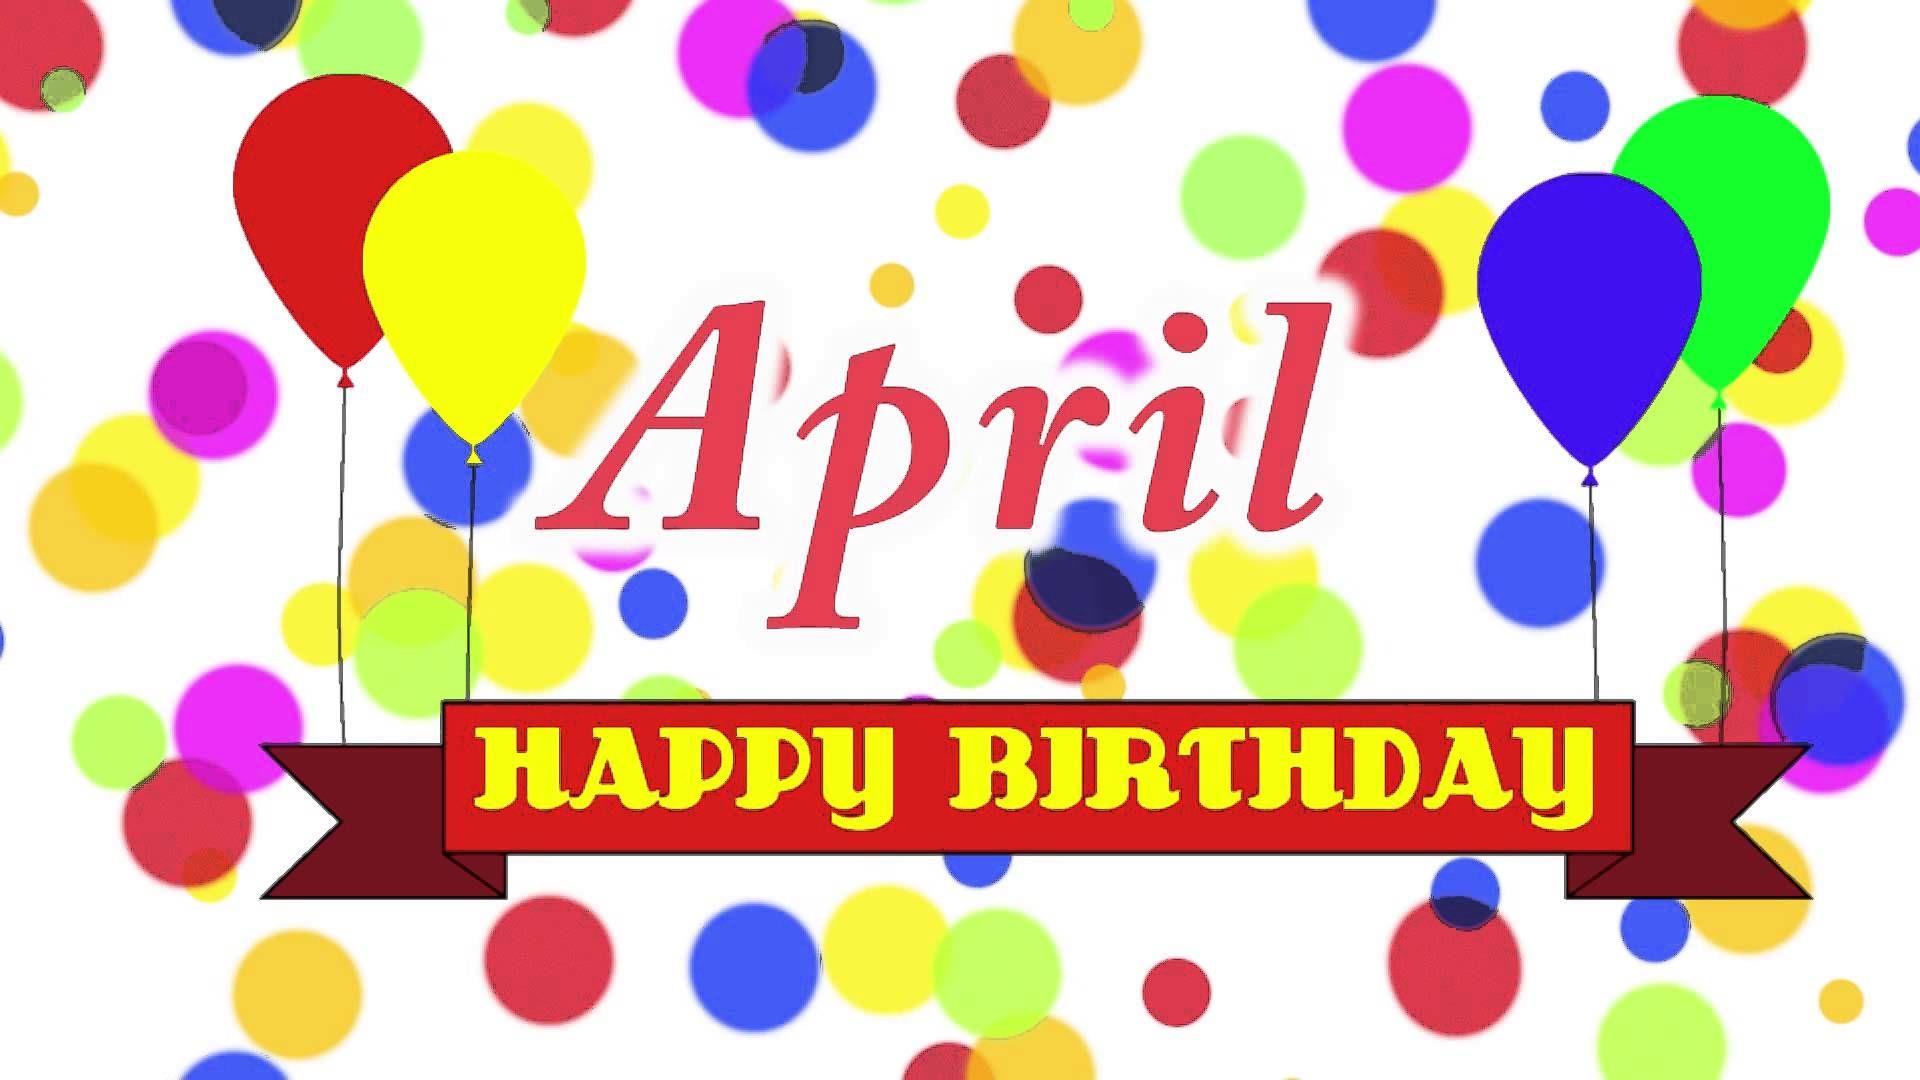 Happy Birthday April Happy Birthday Sam Happy Birthday Song Happy Birthday John